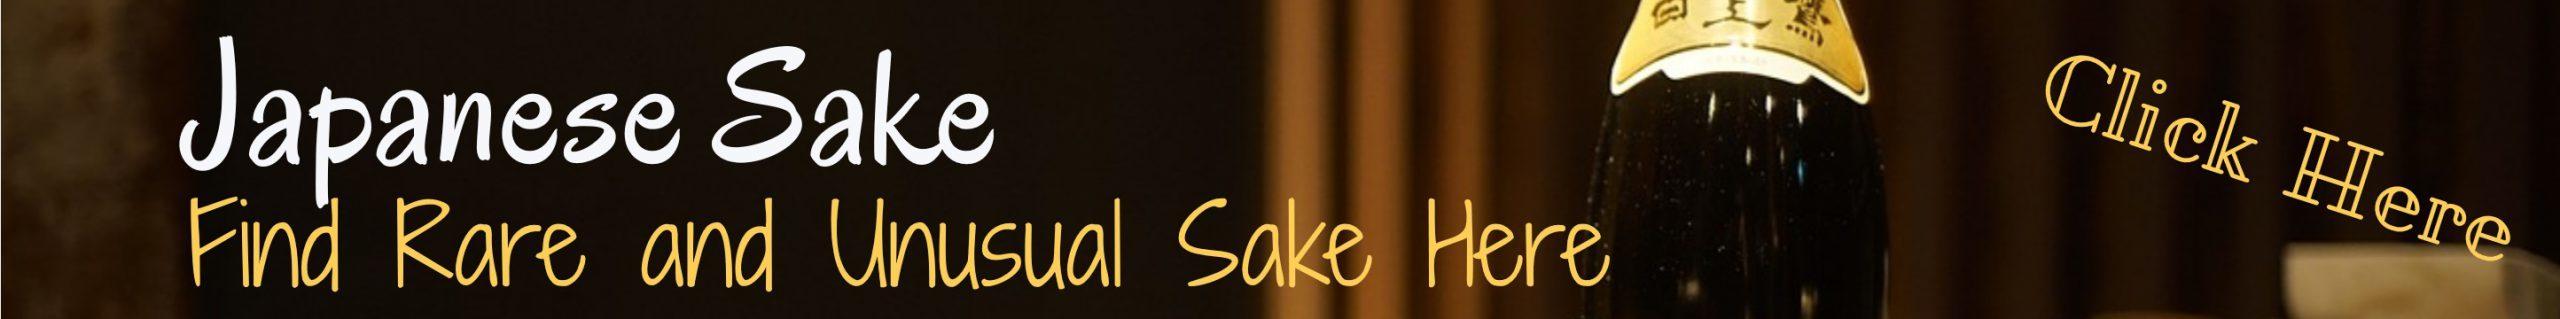 Japanese Sake Banner